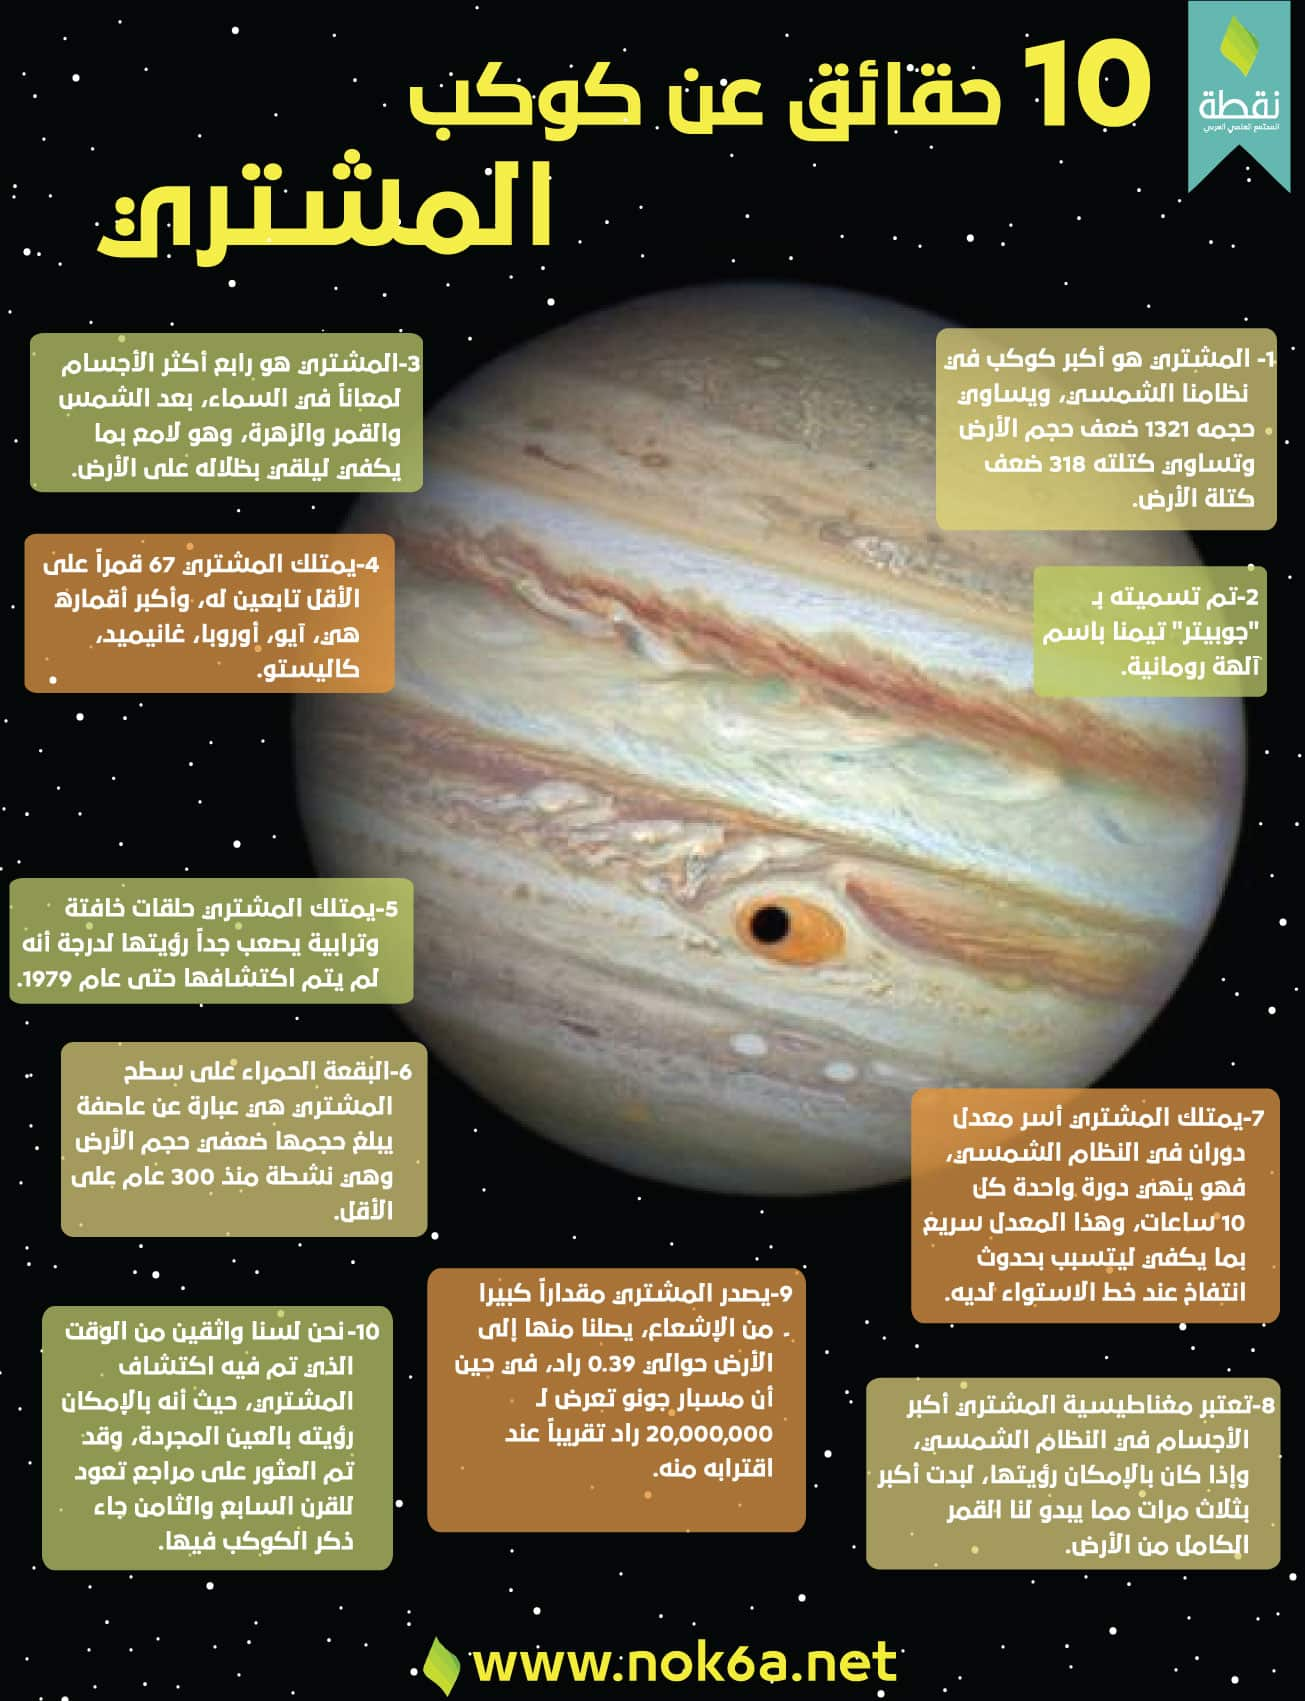 انفوغراف-كوكب-المشتري (2)